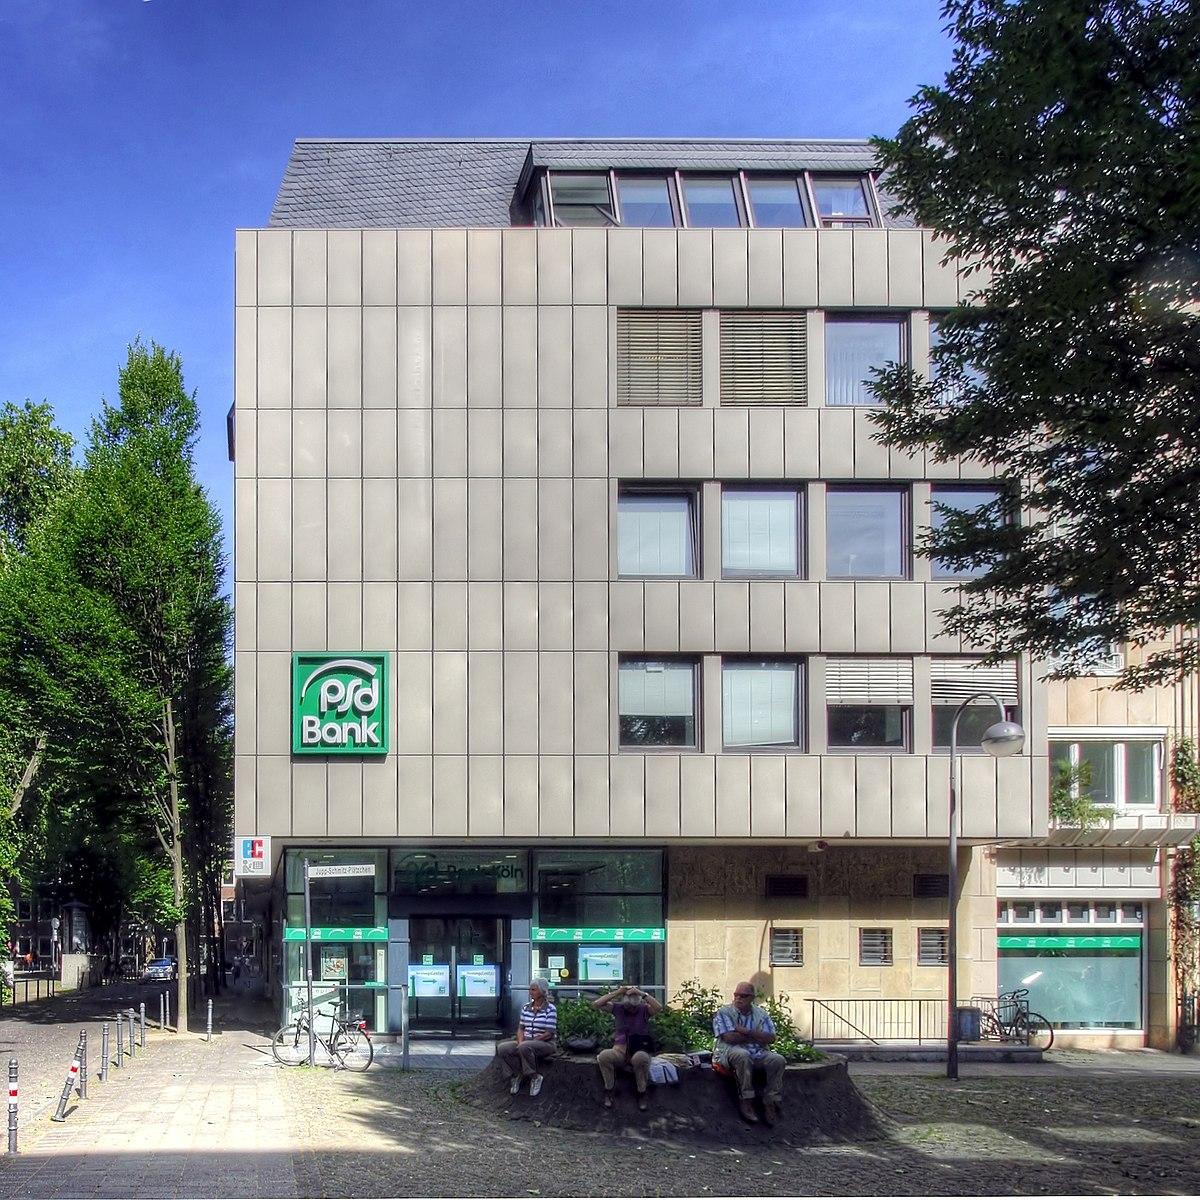 Psd Bank Köln Deutz